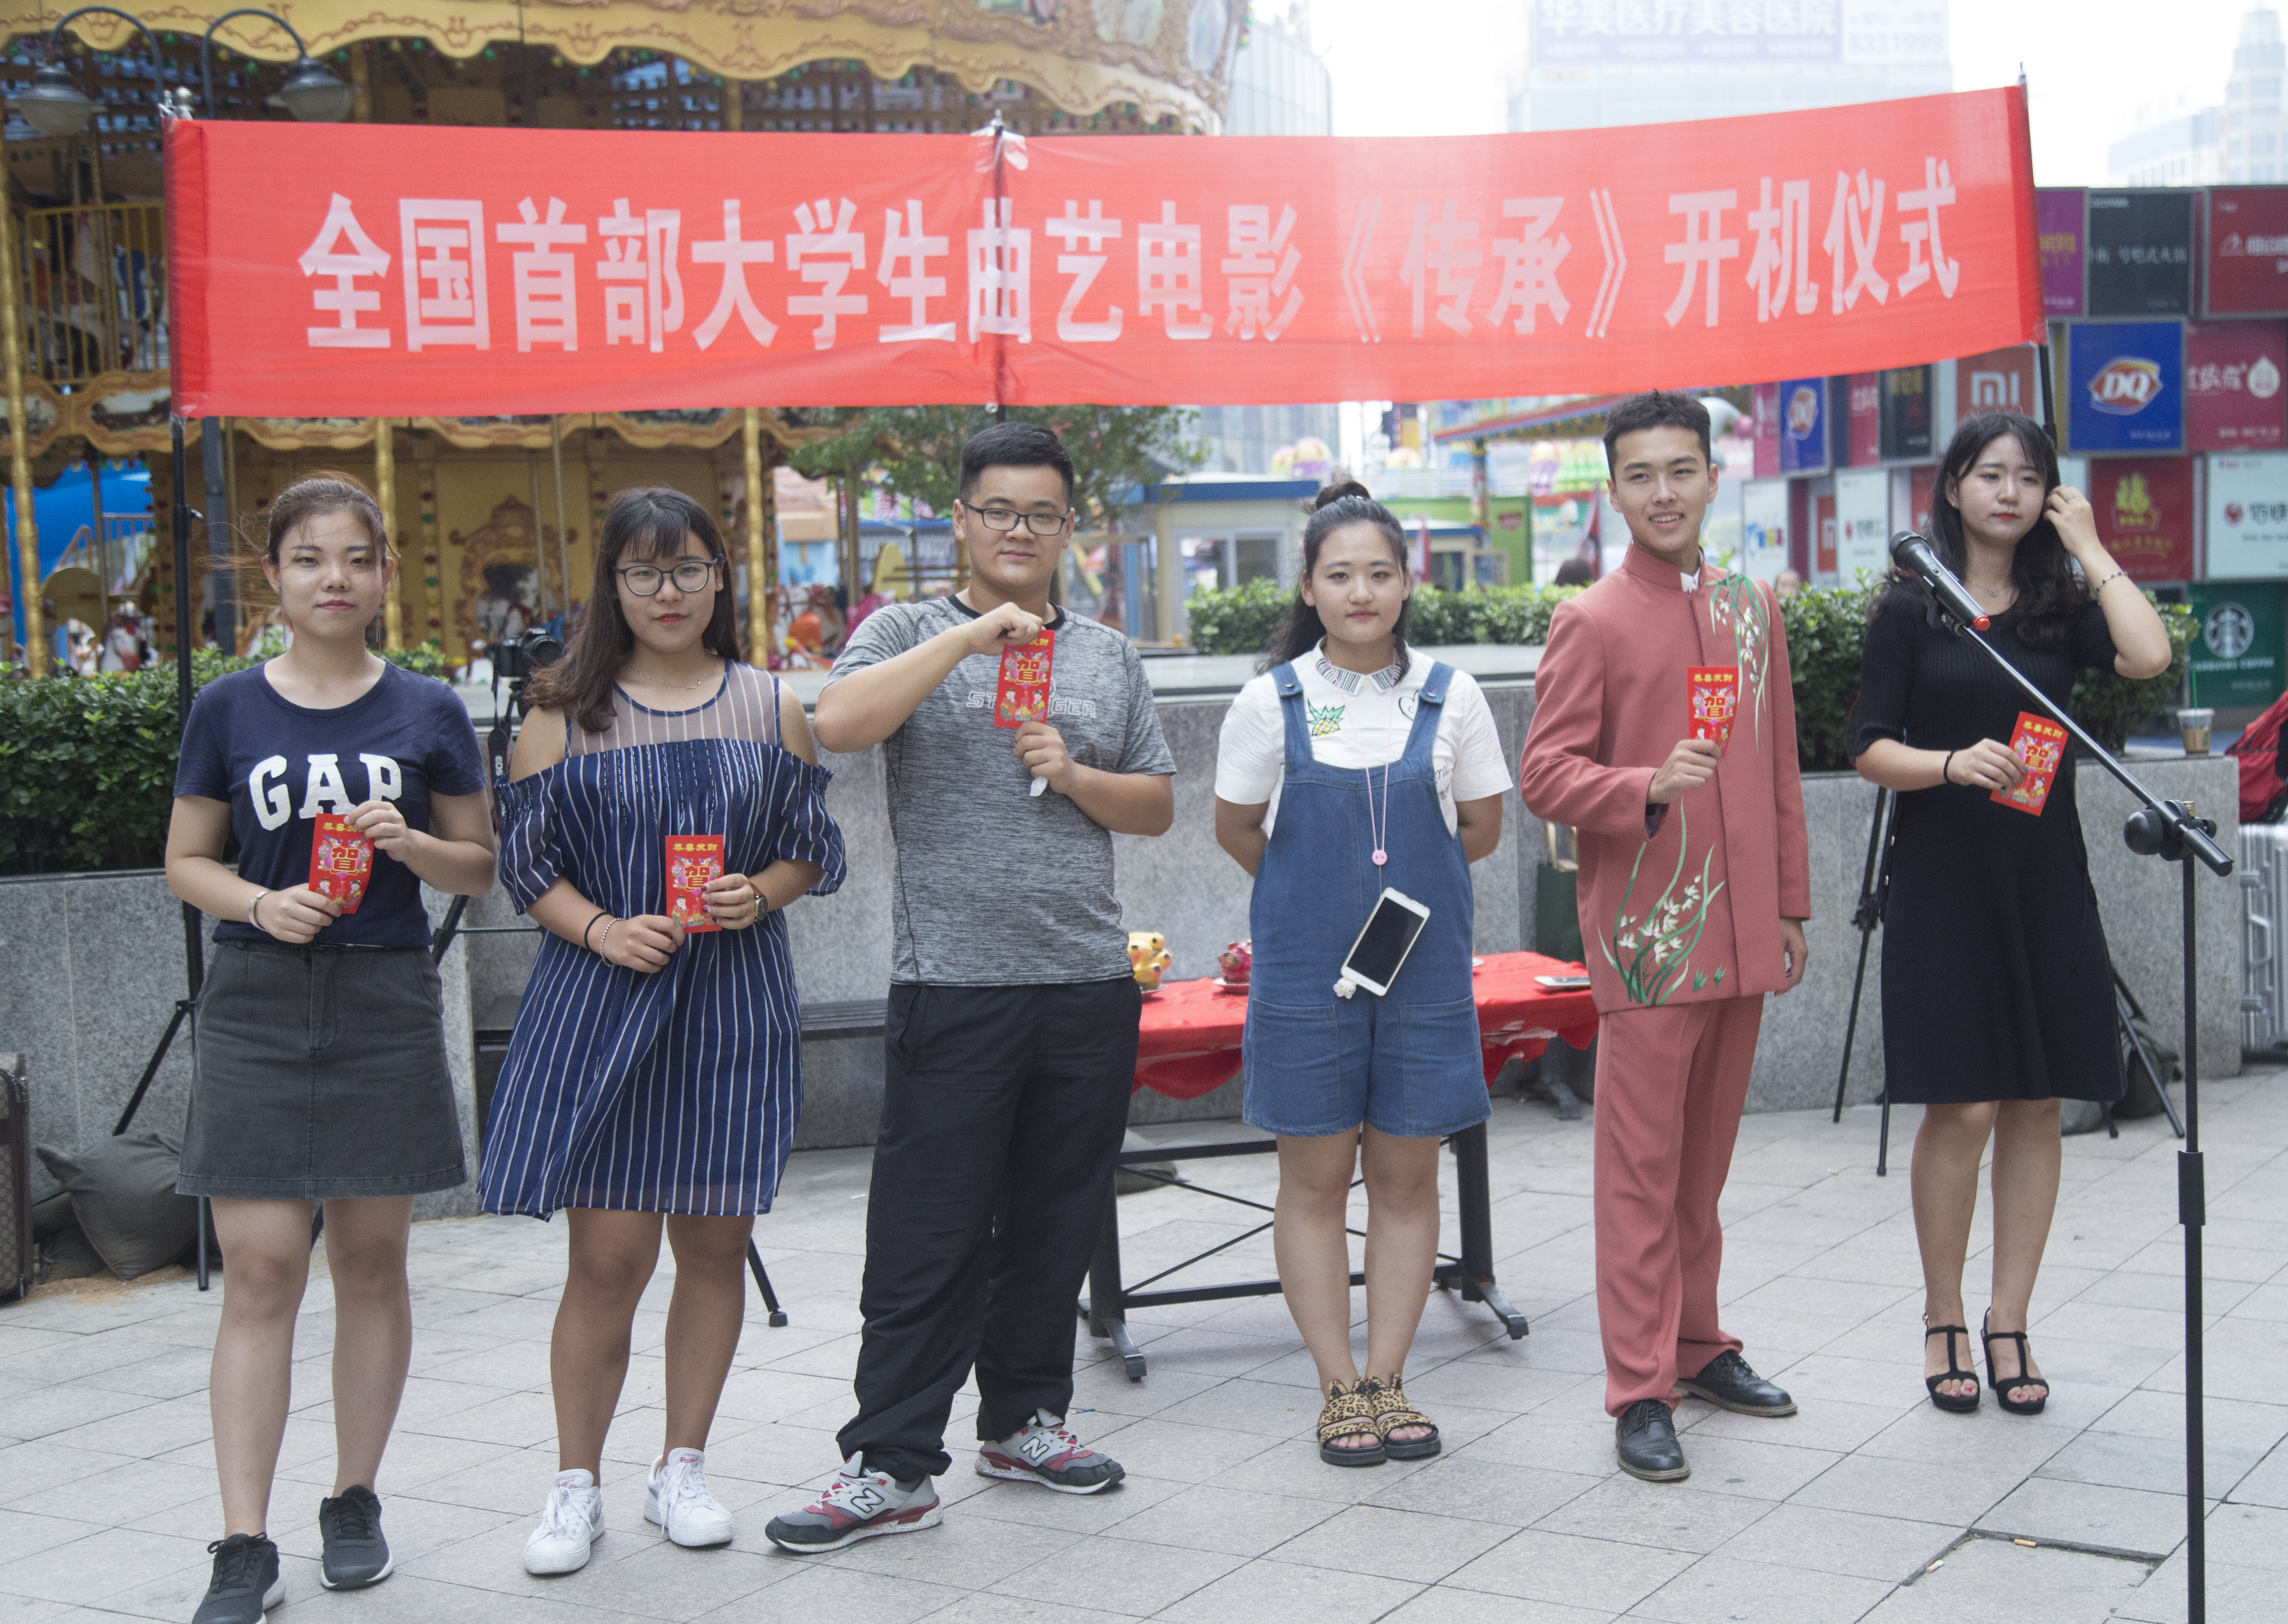 全国首部在校大学生众筹微电影《传承》开机 讲述曲艺传承